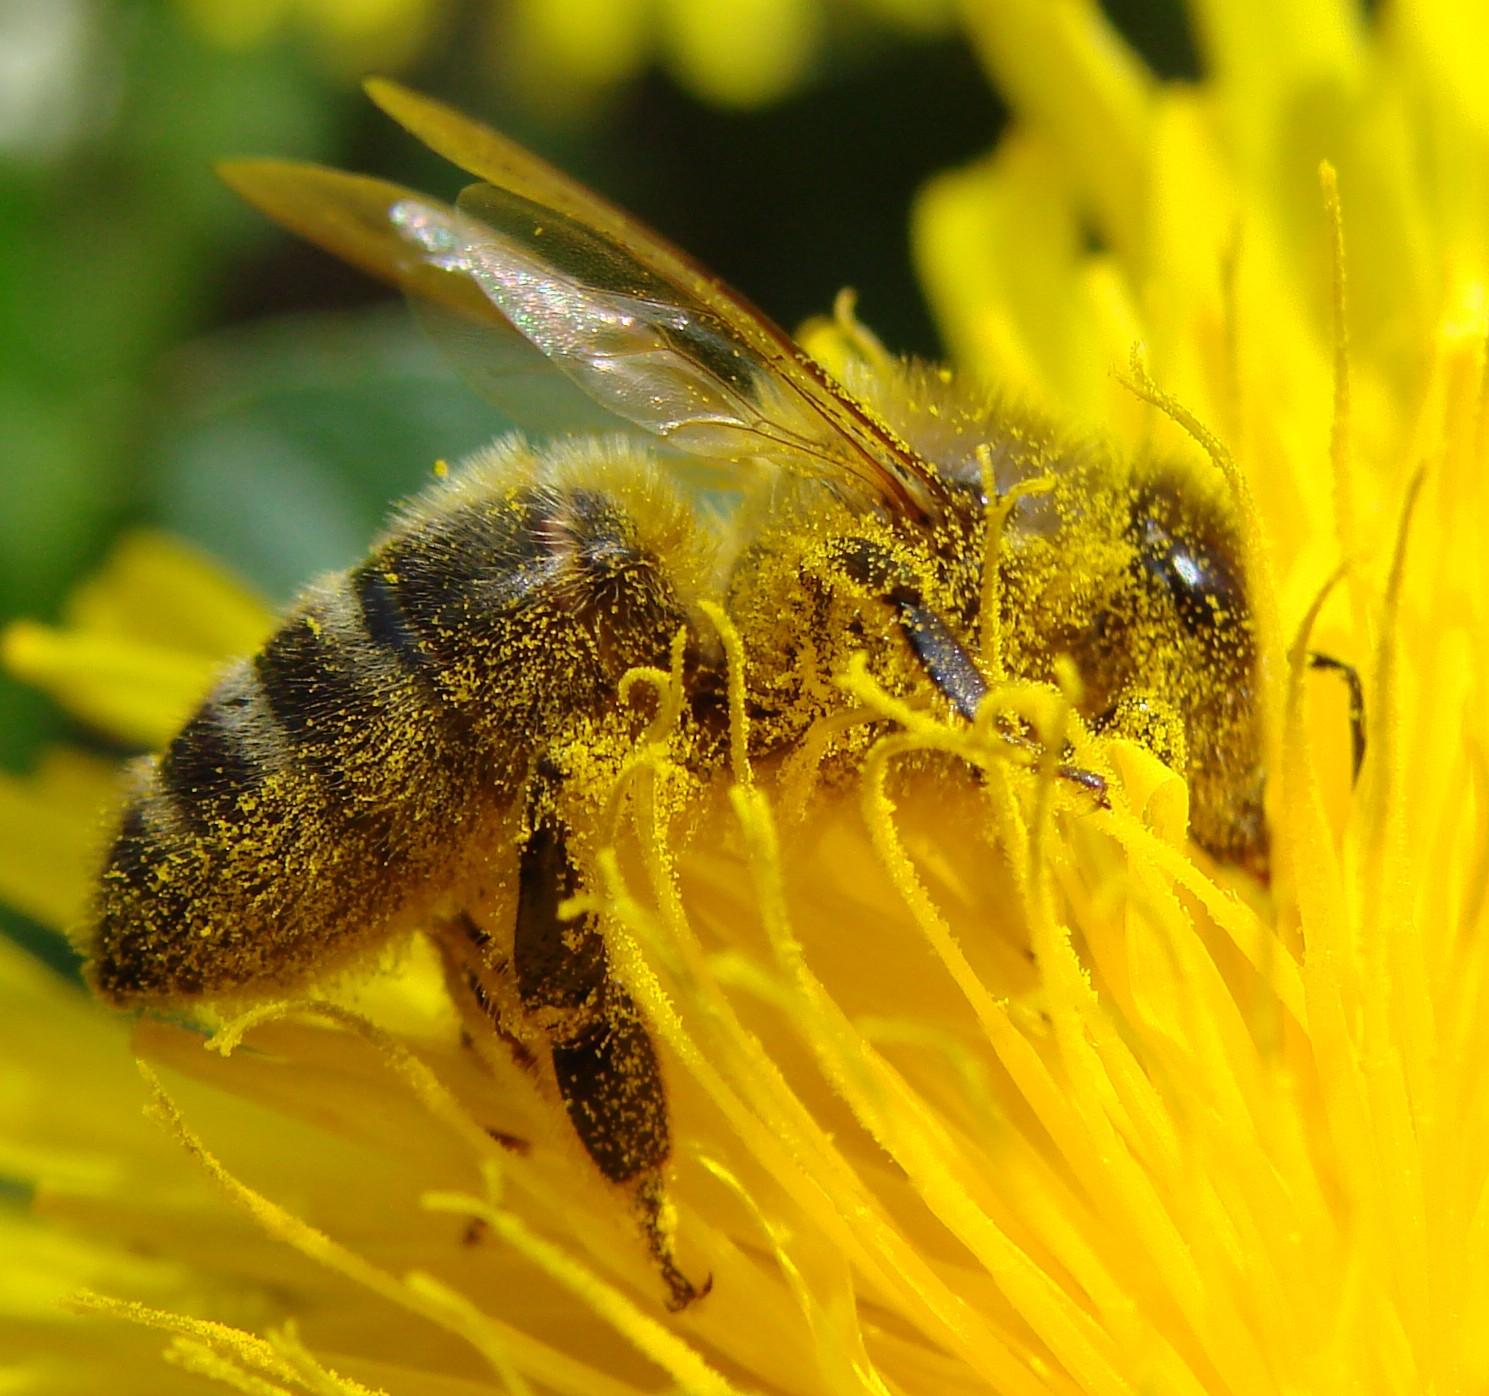 Mật ong rừng nguyên chất mua ở đâu tốt tại TP.HCM